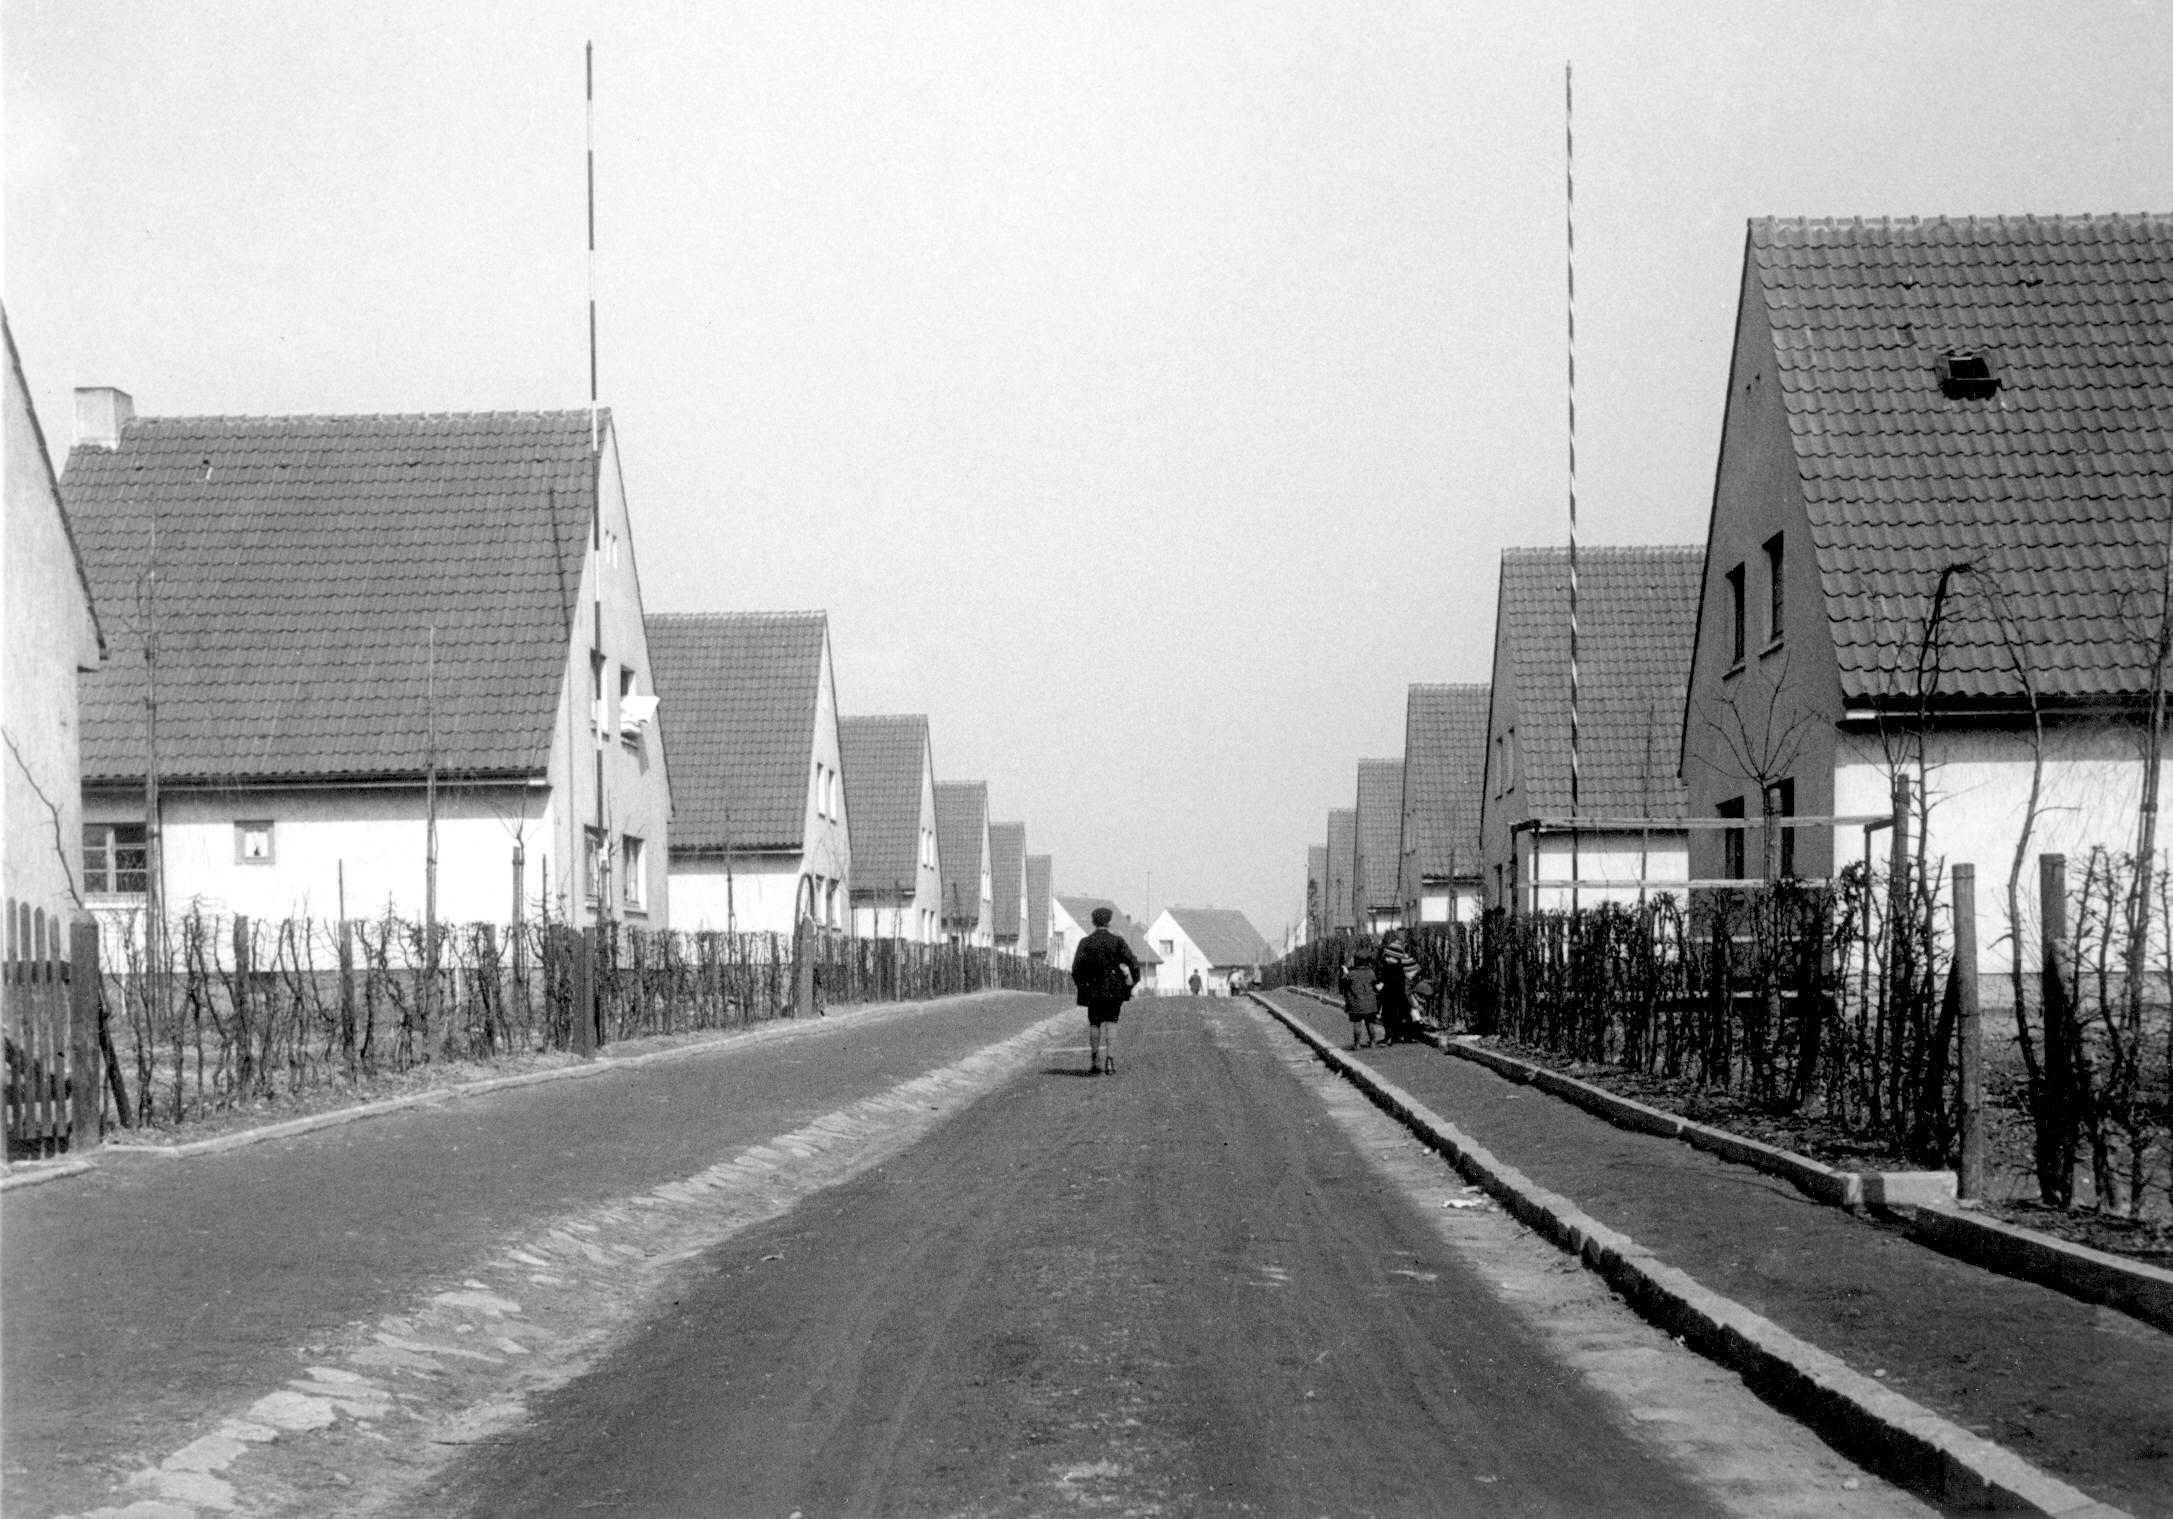 Am 01. September 2017 feiert die Siedlergemeinschaft ihr 85jähriges Bestehehen. Das Foto zeigt die Siedlung zwei Jahre nach ihrer Ferigstellung im Jahre 1934. Foto: Stadtbildstelle Essen/Archiv Ruhrmuseum